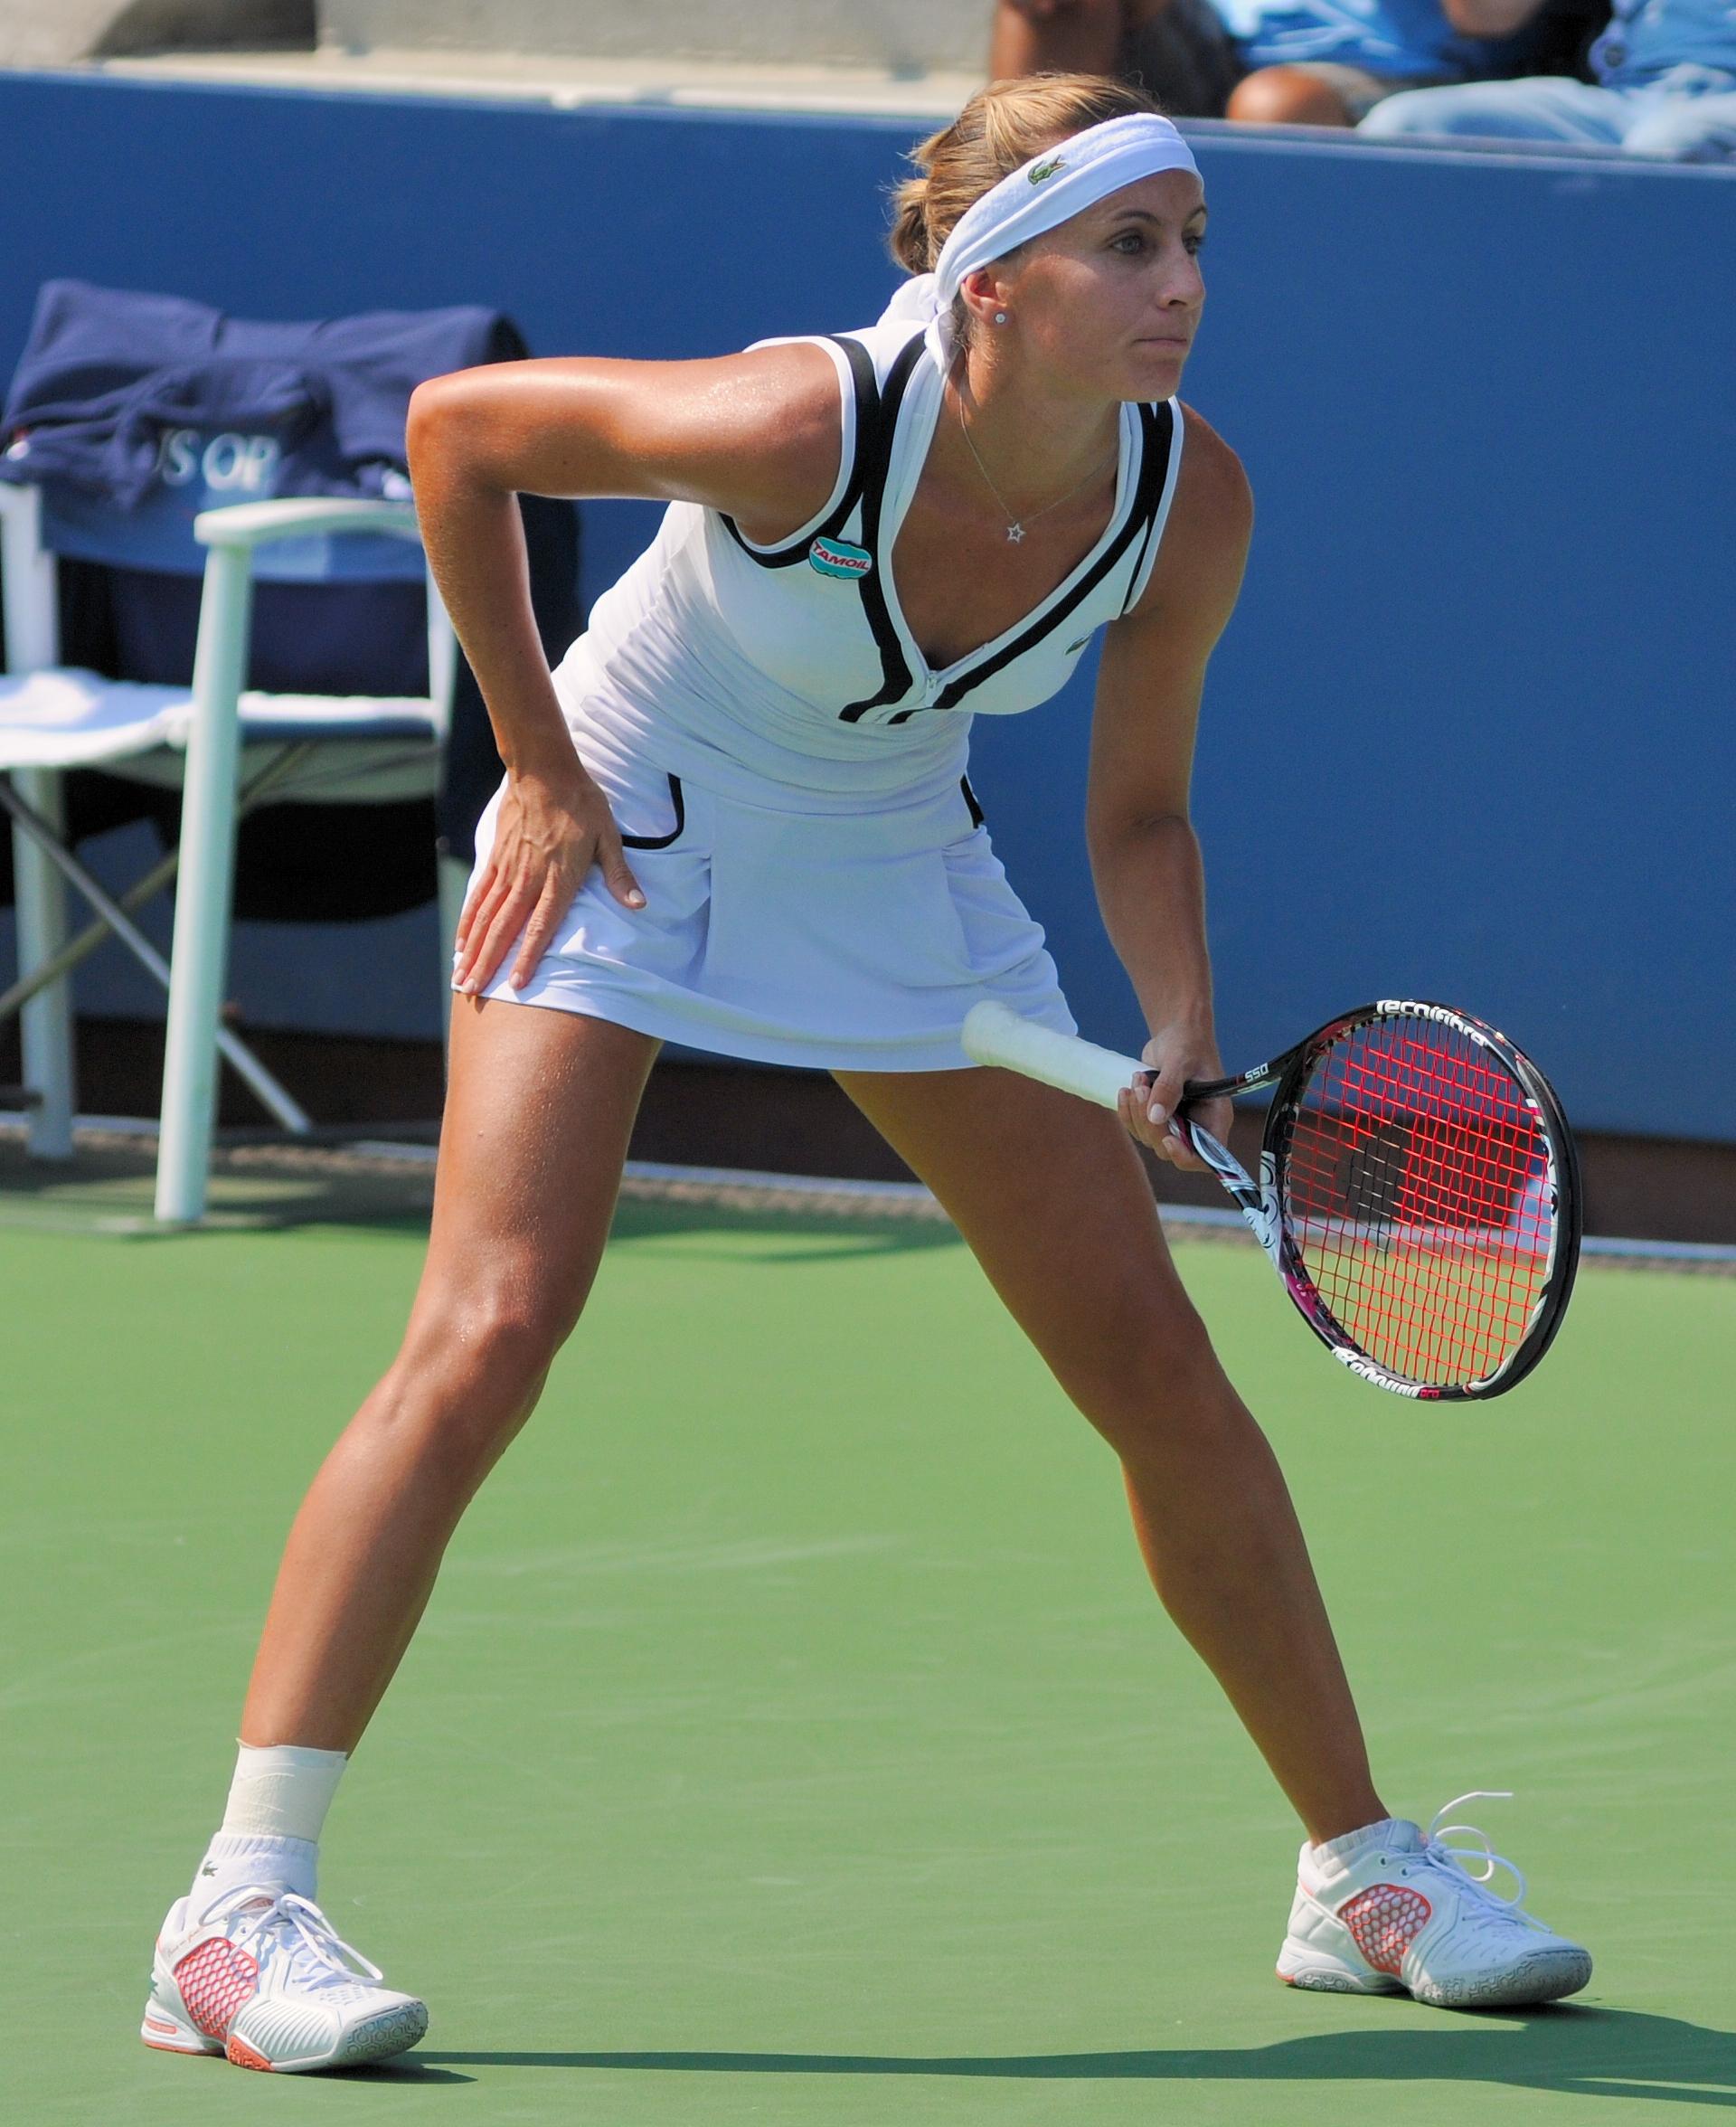 File:Gisela Dulko at the 2010 US Open 05.jpg